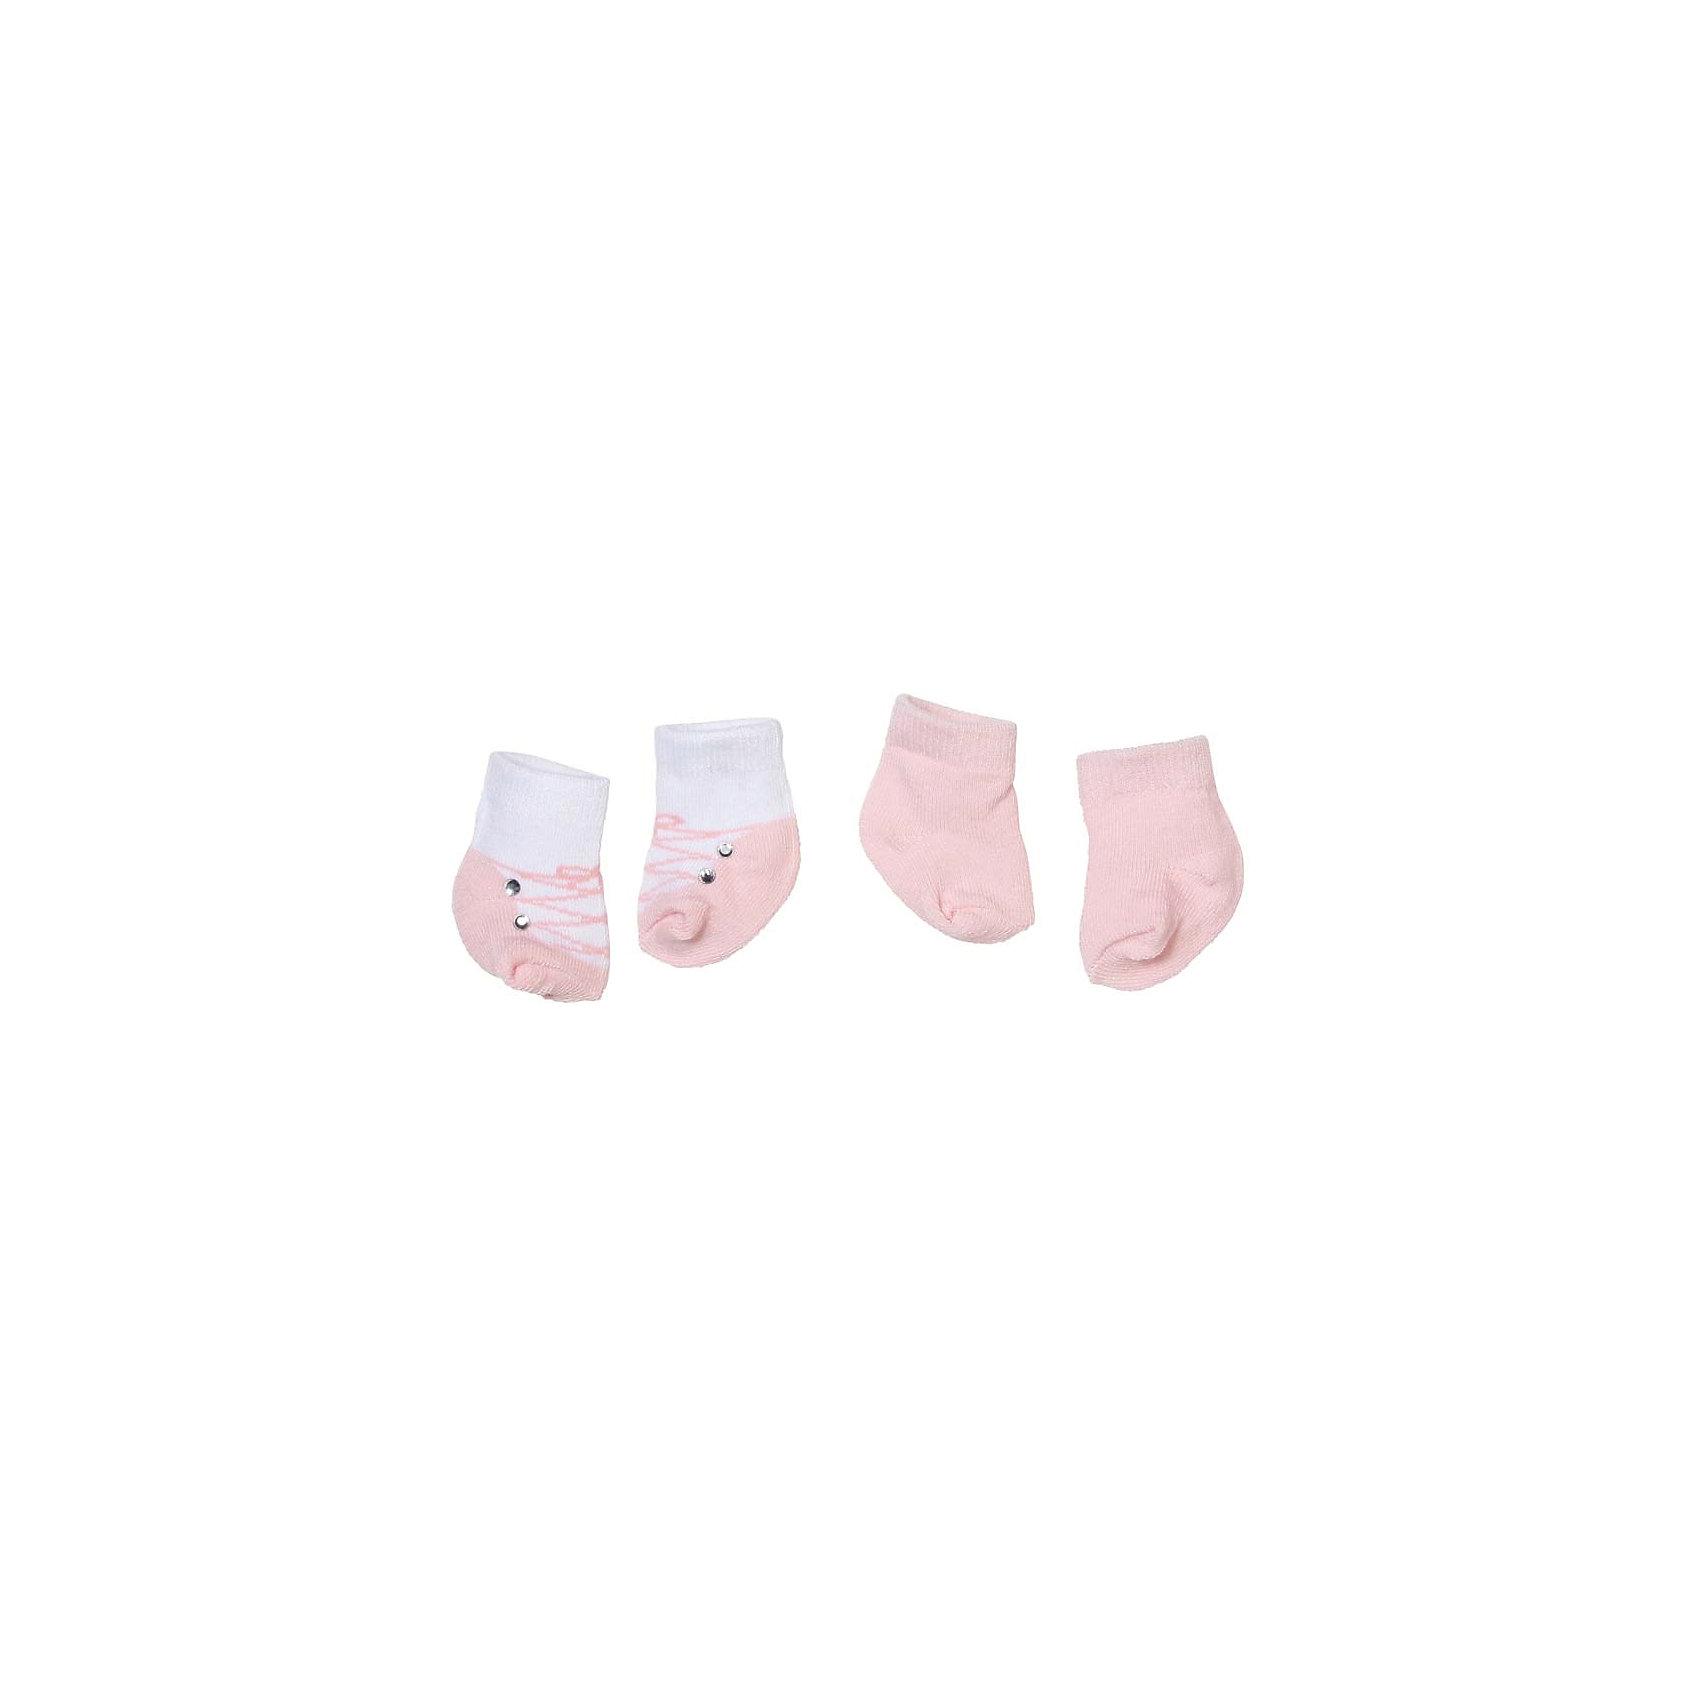 Носочки 2 пары, розовые, Baby AnnabellКукольная одежда и аксессуары<br>Носочки для куклы Baby Annabell, 2 пары.<br><br>Характеристики комплекта Zapf Creation:<br><br>• количество в упаковке: 2 пары;<br>• цвет: розовый и белый с розовым;<br>• особенность носочков: тянутся;<br>• носочки предназначены для кукол высотой 46 см;<br>• материал: мягкий текстиль;<br>• размер упаковки: 18х1х13 см;<br>• вес упаковки: 50 г.<br><br>Носочки 2 пары, розовые, Baby Annabell можно купить в нашем интернет-магазине.<br><br>Ширина мм: 130<br>Глубина мм: 180<br>Высота мм: 10<br>Вес г: 50<br>Возраст от месяцев: 36<br>Возраст до месяцев: 2147483647<br>Пол: Женский<br>Возраст: Детский<br>SKU: 5064301